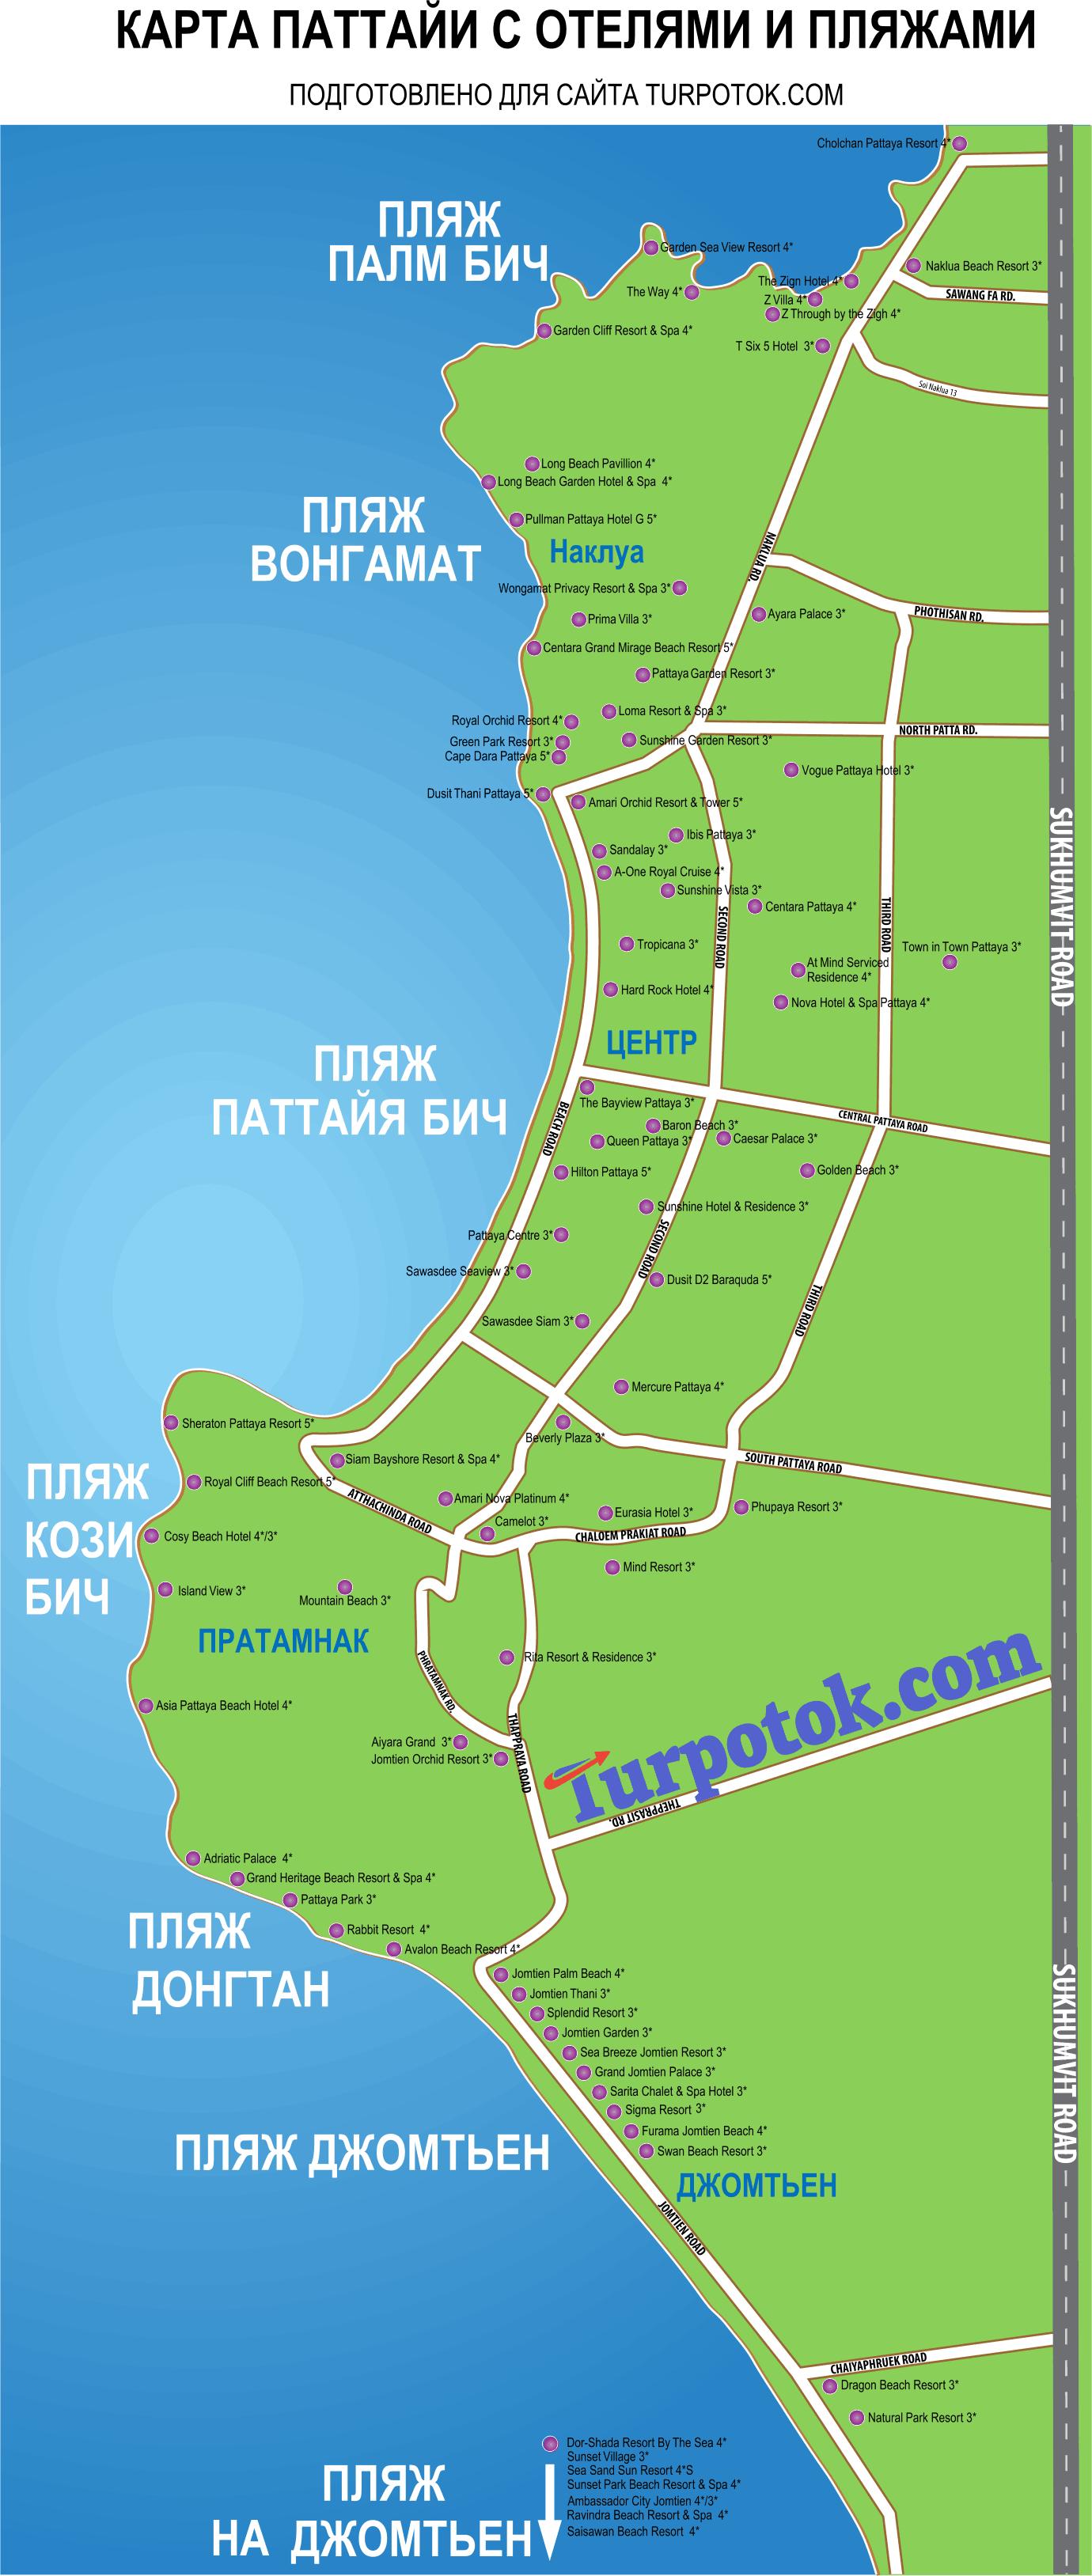 Схема районов города